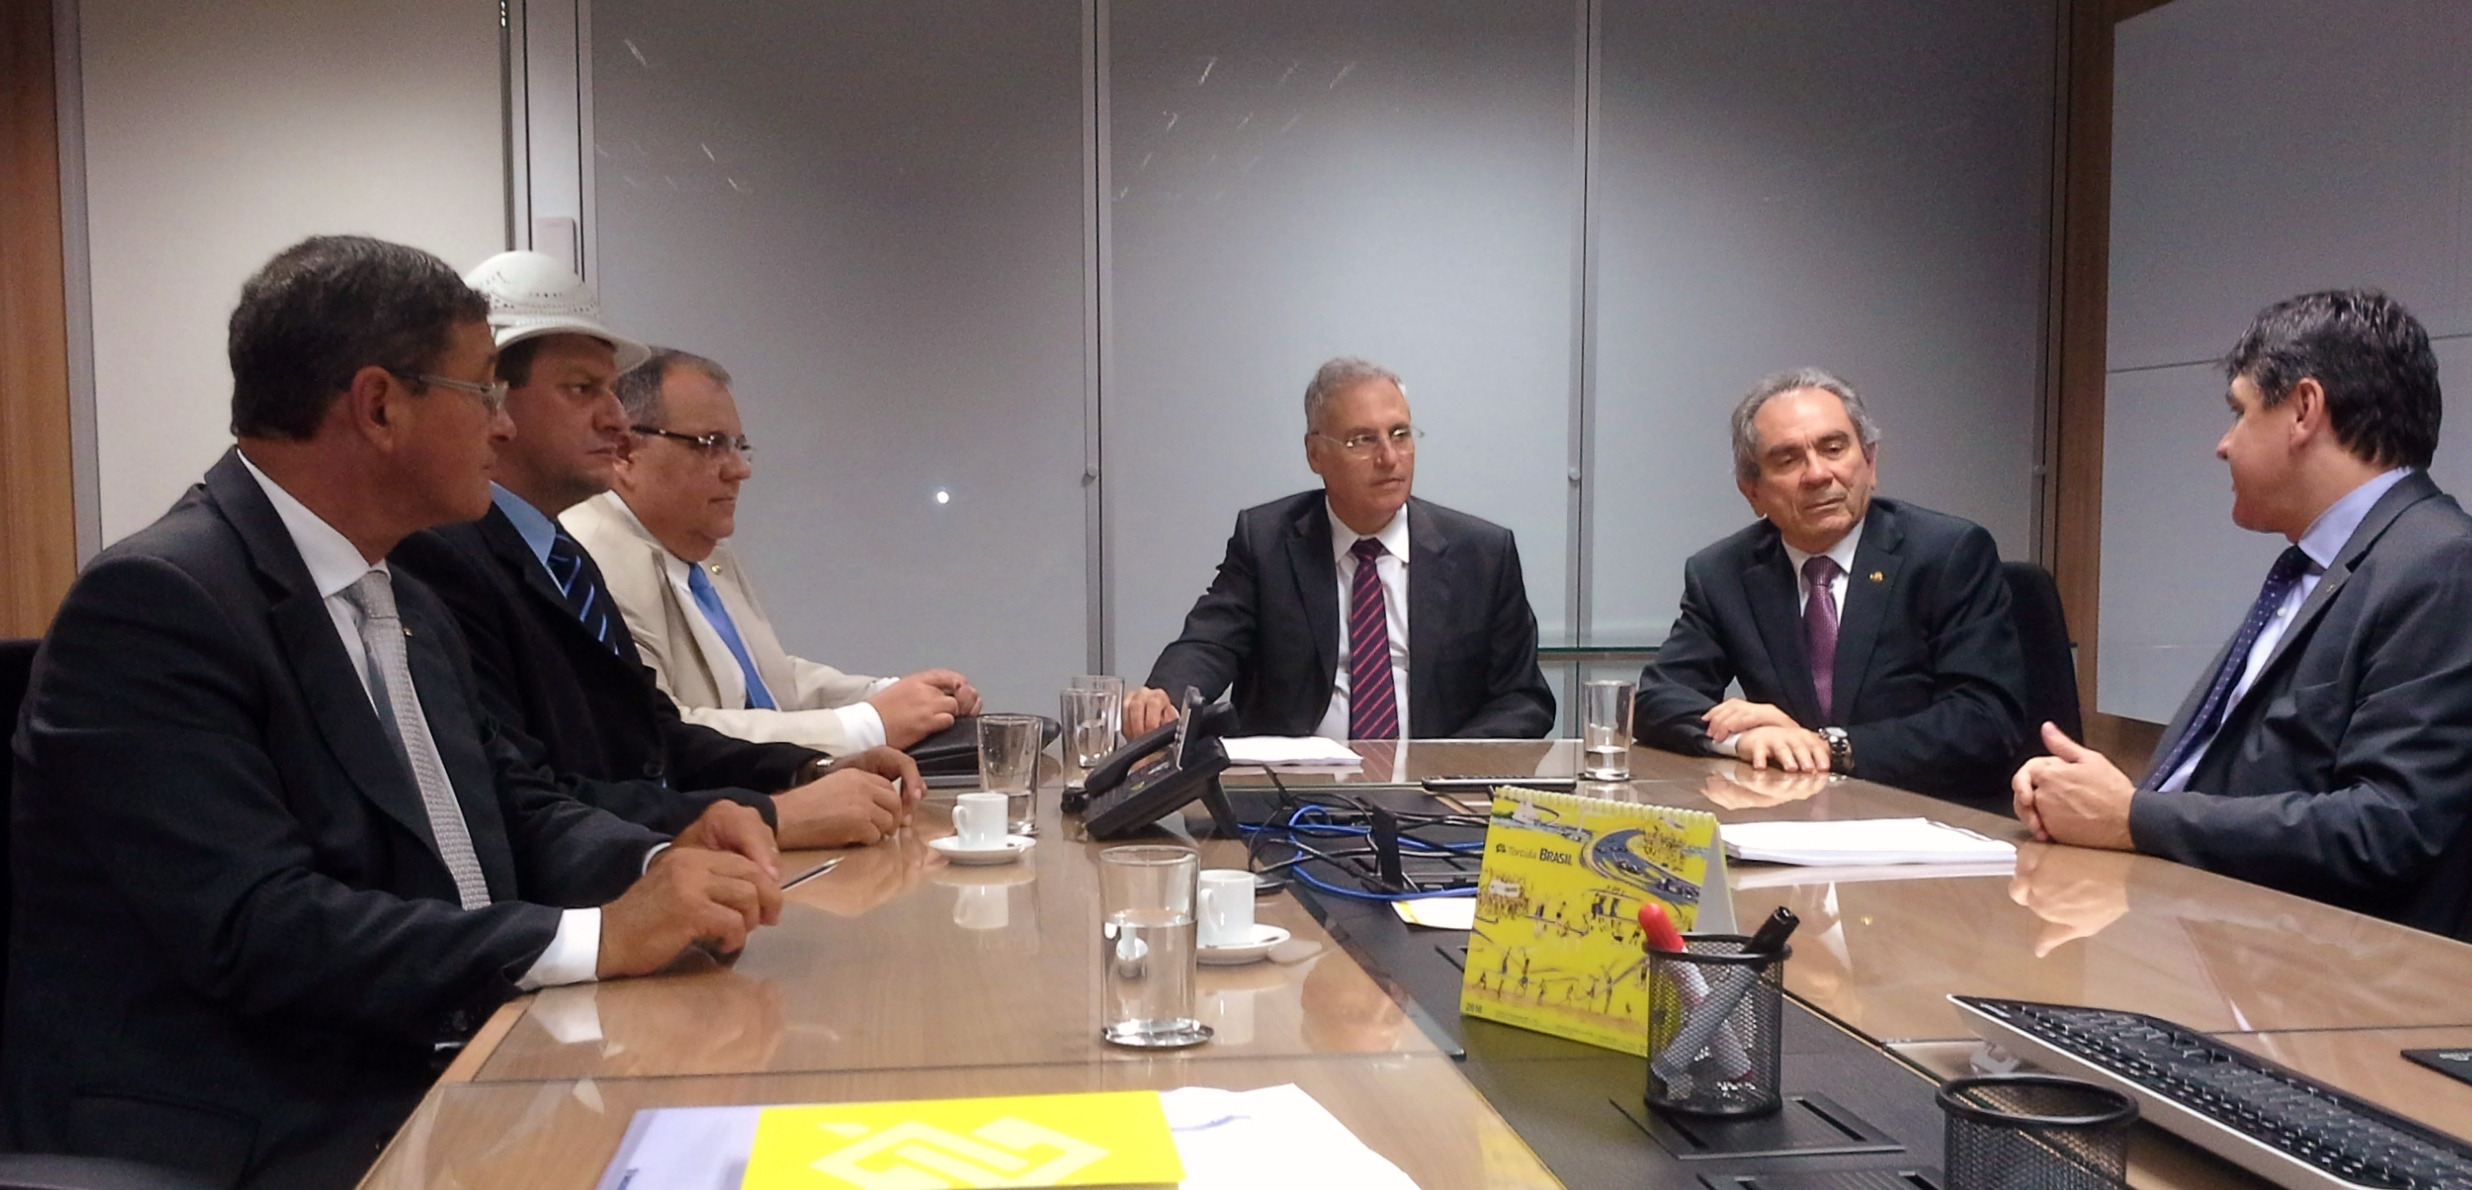 Raimundo Lira e Rômulo Gouveia vão à direção do Banco do Brasil solicitar o não fechamento de agências na Paraíba